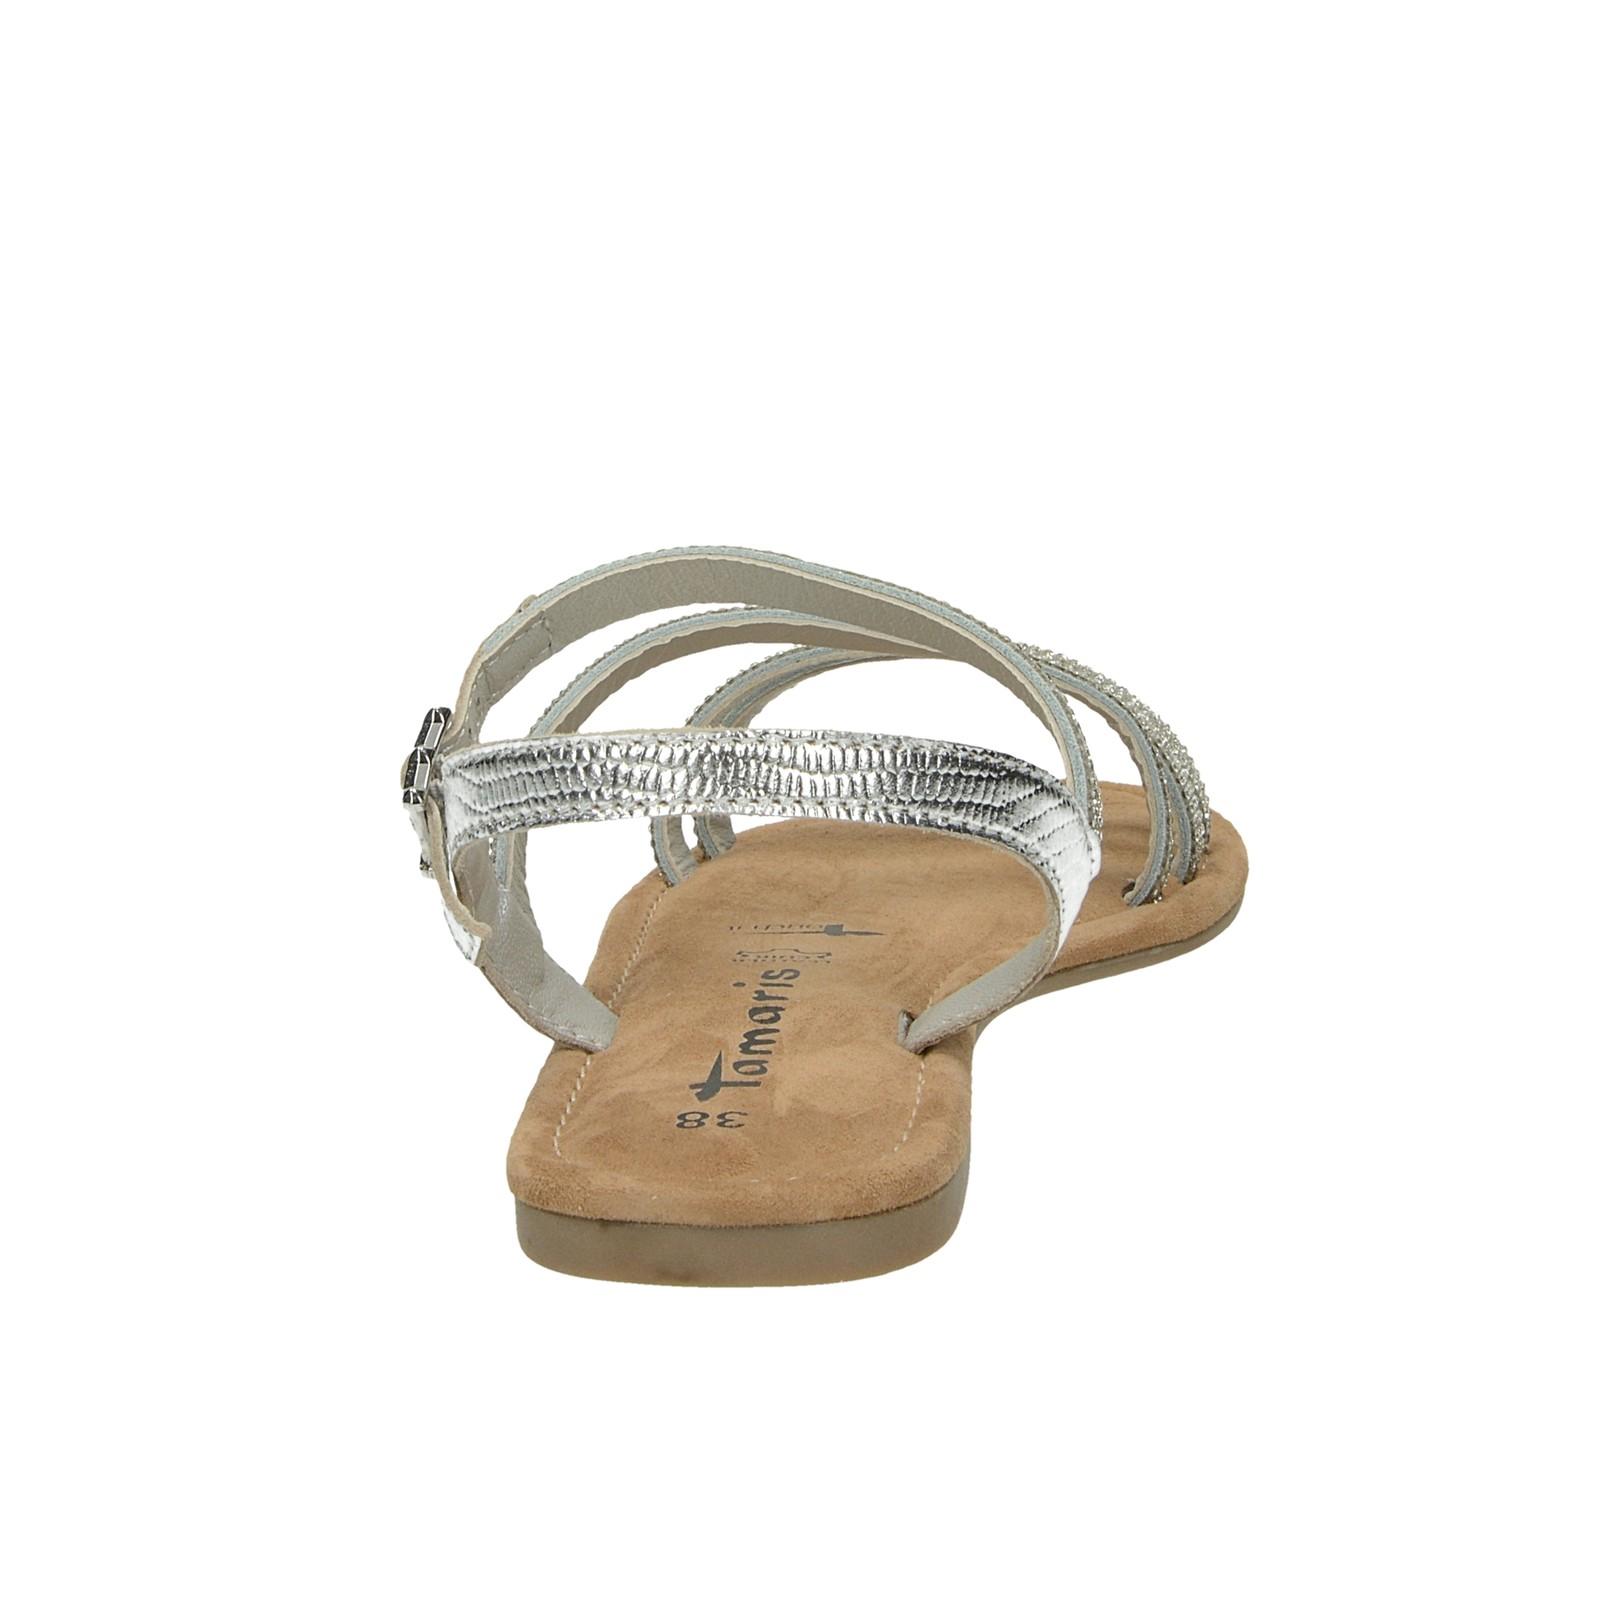 26a4e2d4a2ad ... Tamaris dámske elegantné sandále s ozdobnými kamienkami - strieborné ...